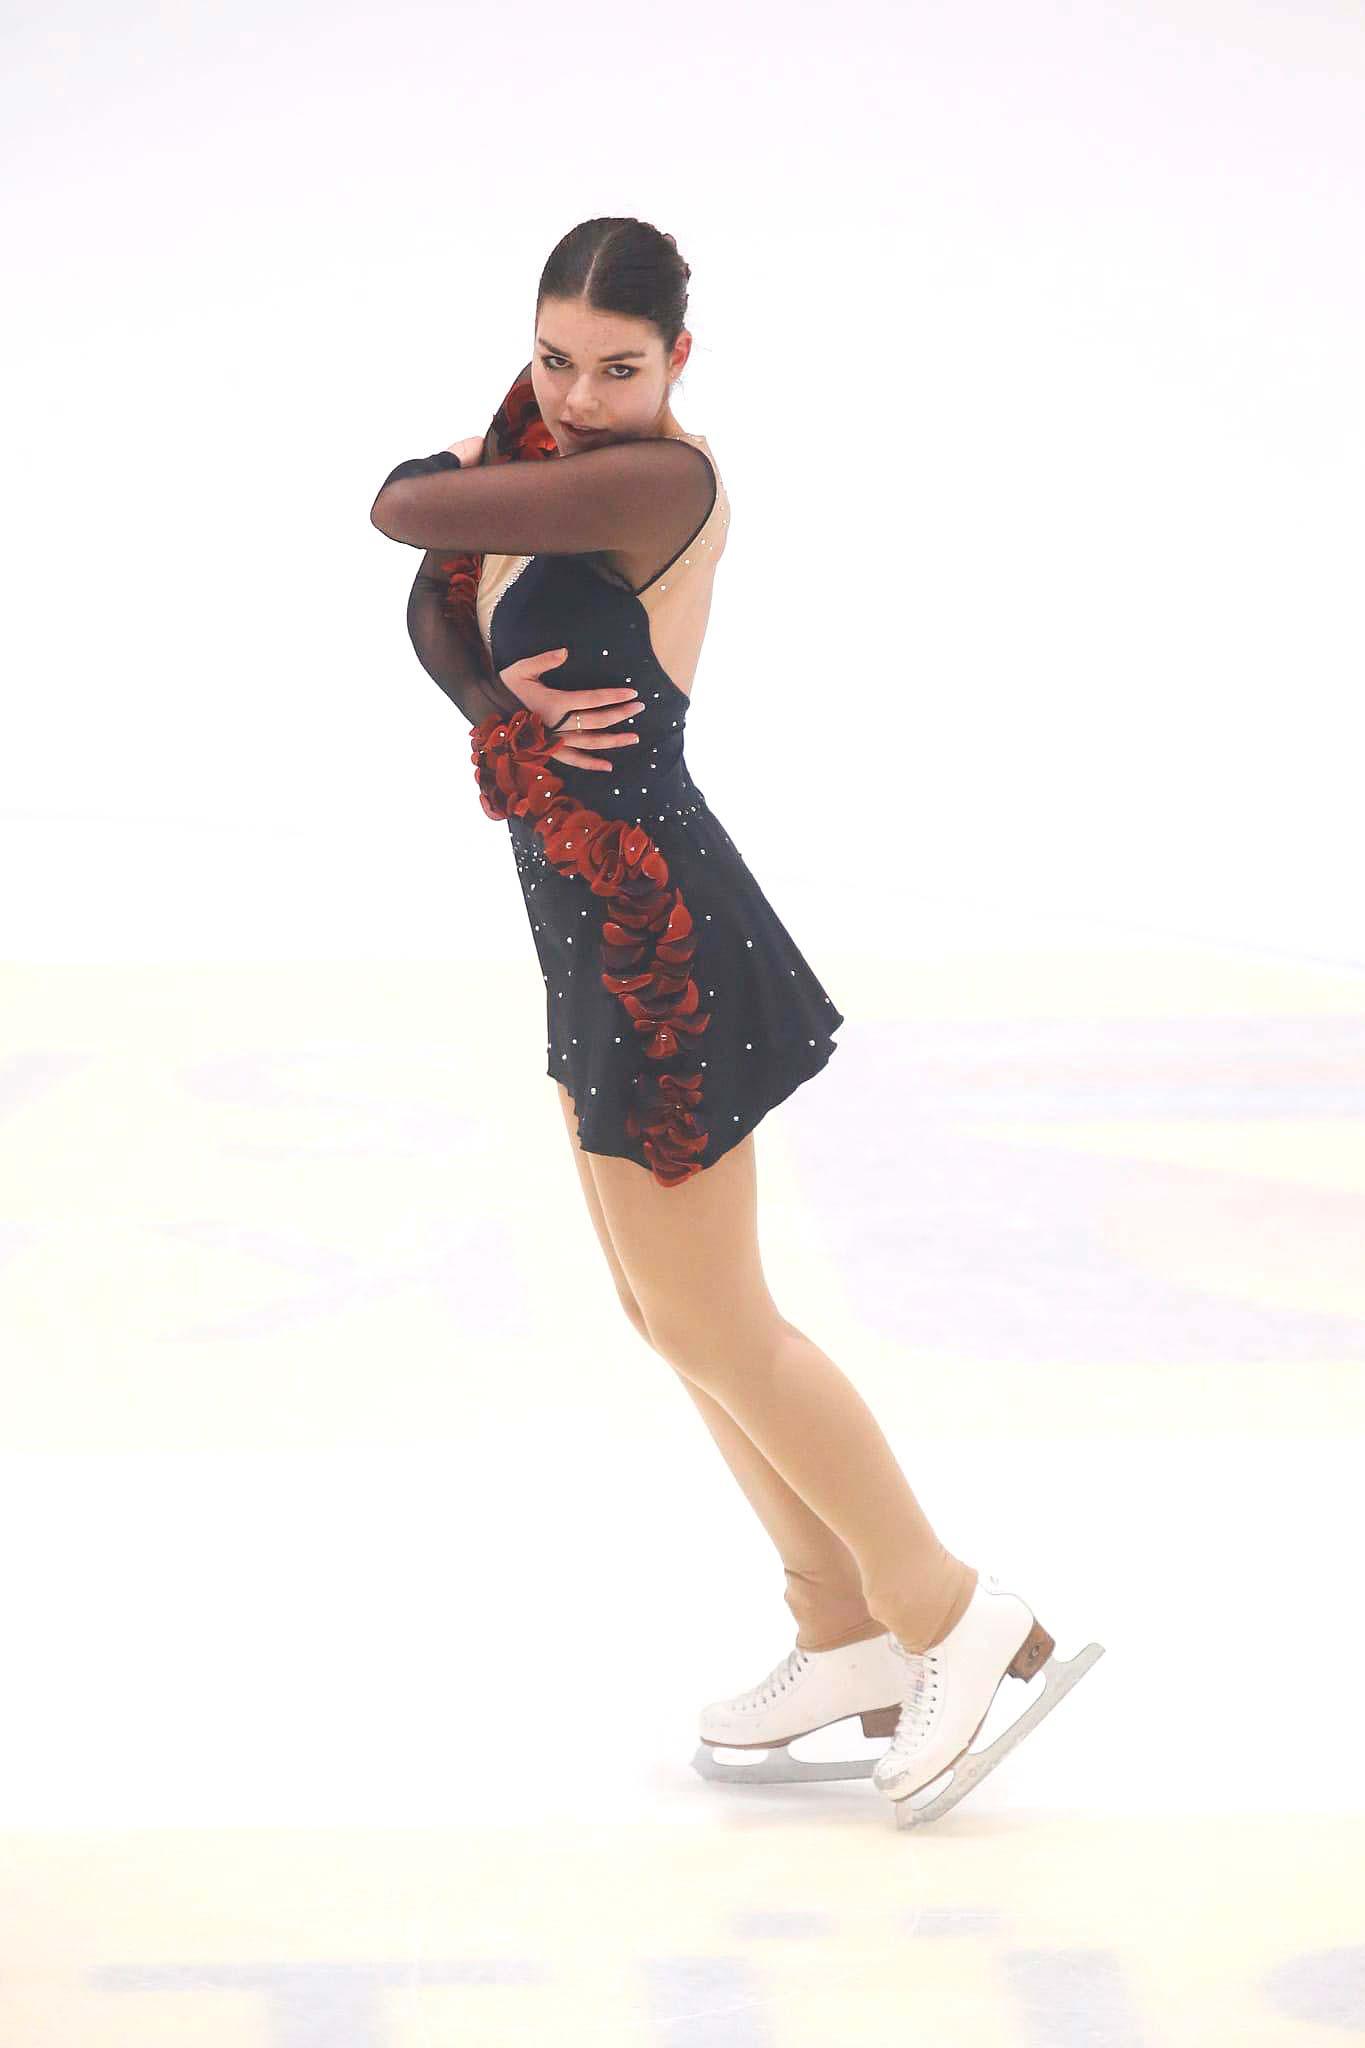 Sarina Hagmann, Rang 2, Kategorie Mixed Age Damen, 59.37 Punkte. Foto: Tanja Schrepfer Knecht